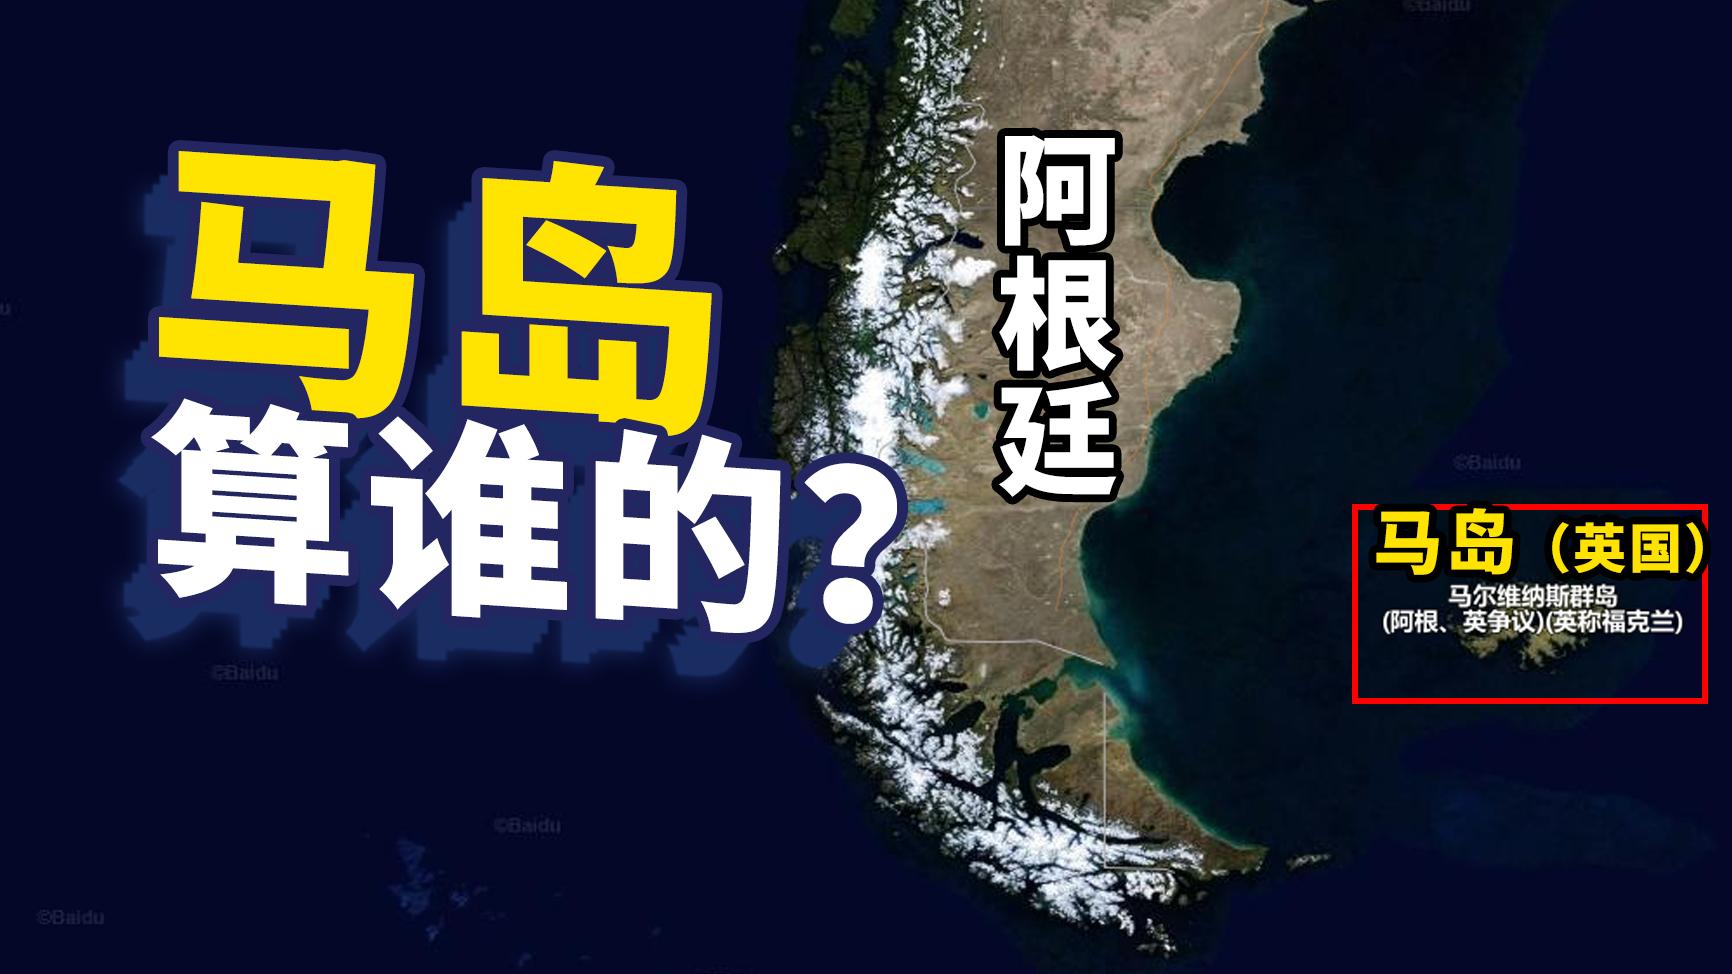 马岛究竟归属谁?是阿根廷还是英国?